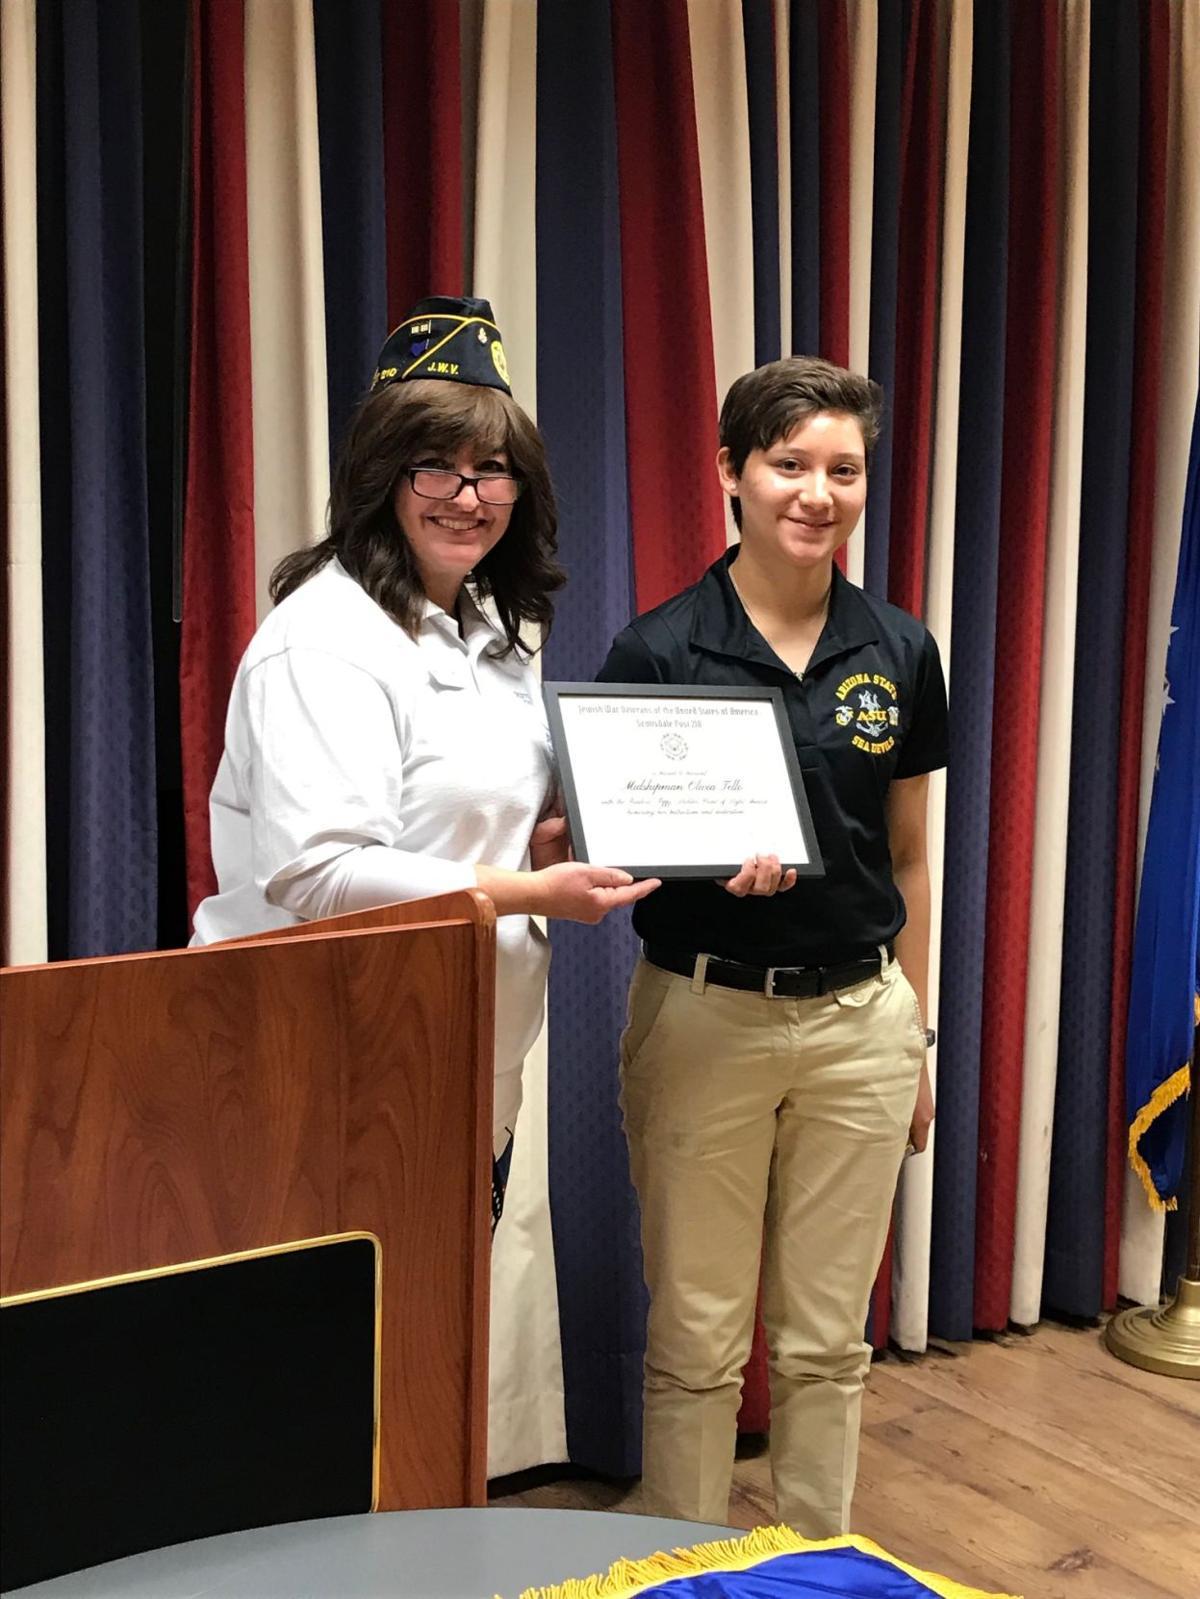 Honoring ROTC